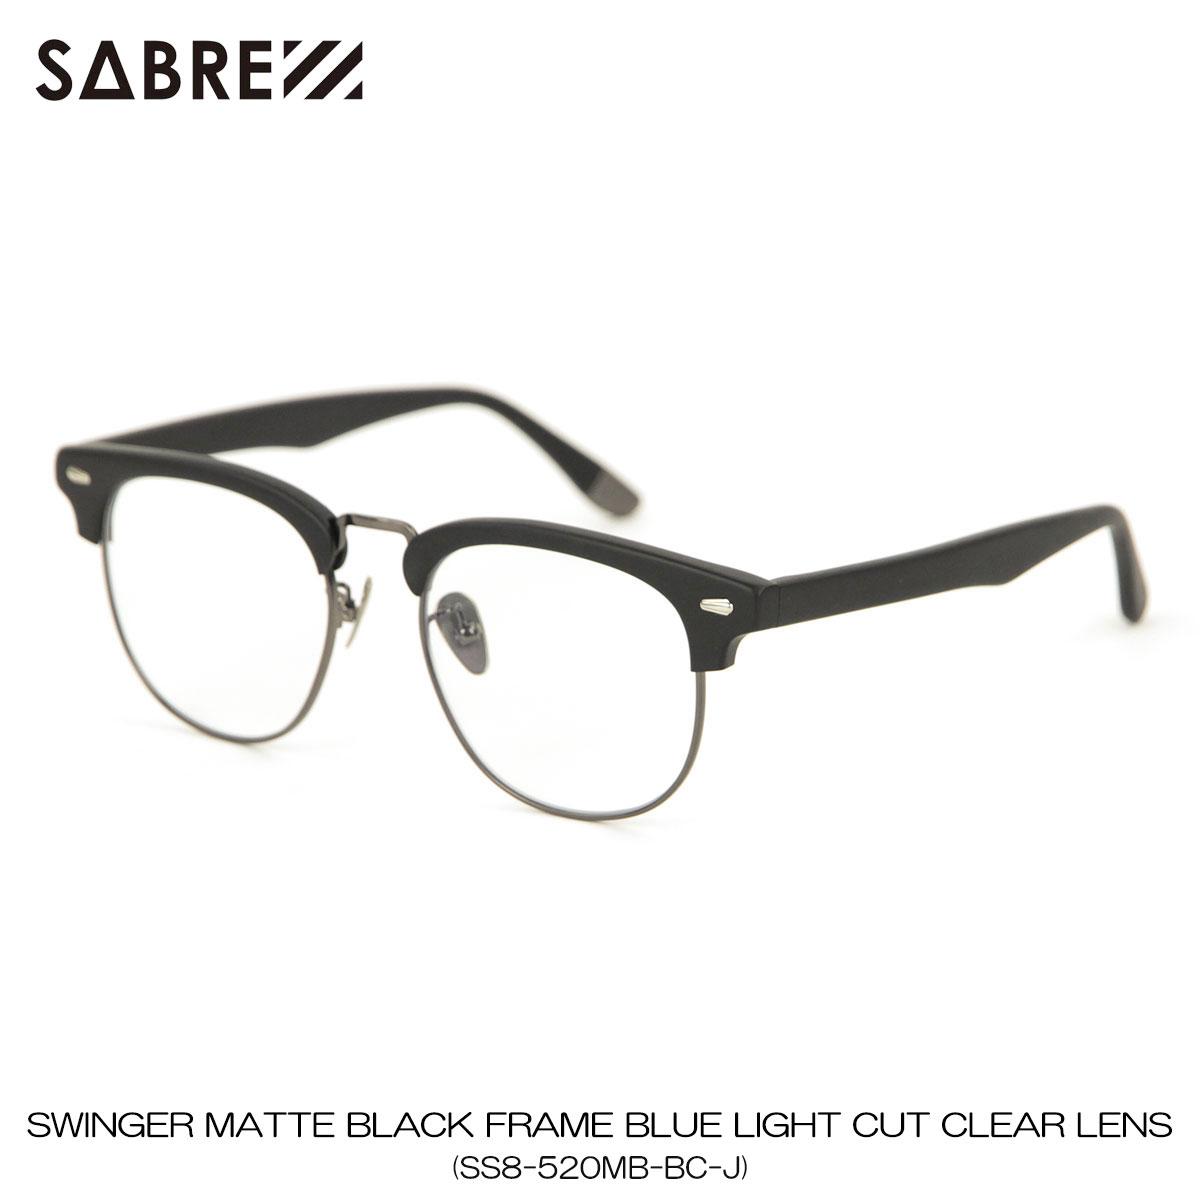 セイバー サングラス 正規販売店 SABRE セイバー スウィンガー ブルーライトカット SWINGER MATTE BLACK FRAME BLUE LIGHT CUT CLEAR LENS SUNGLASS SS8-520MB-BC-J A55B B3C C3D D1E E13F